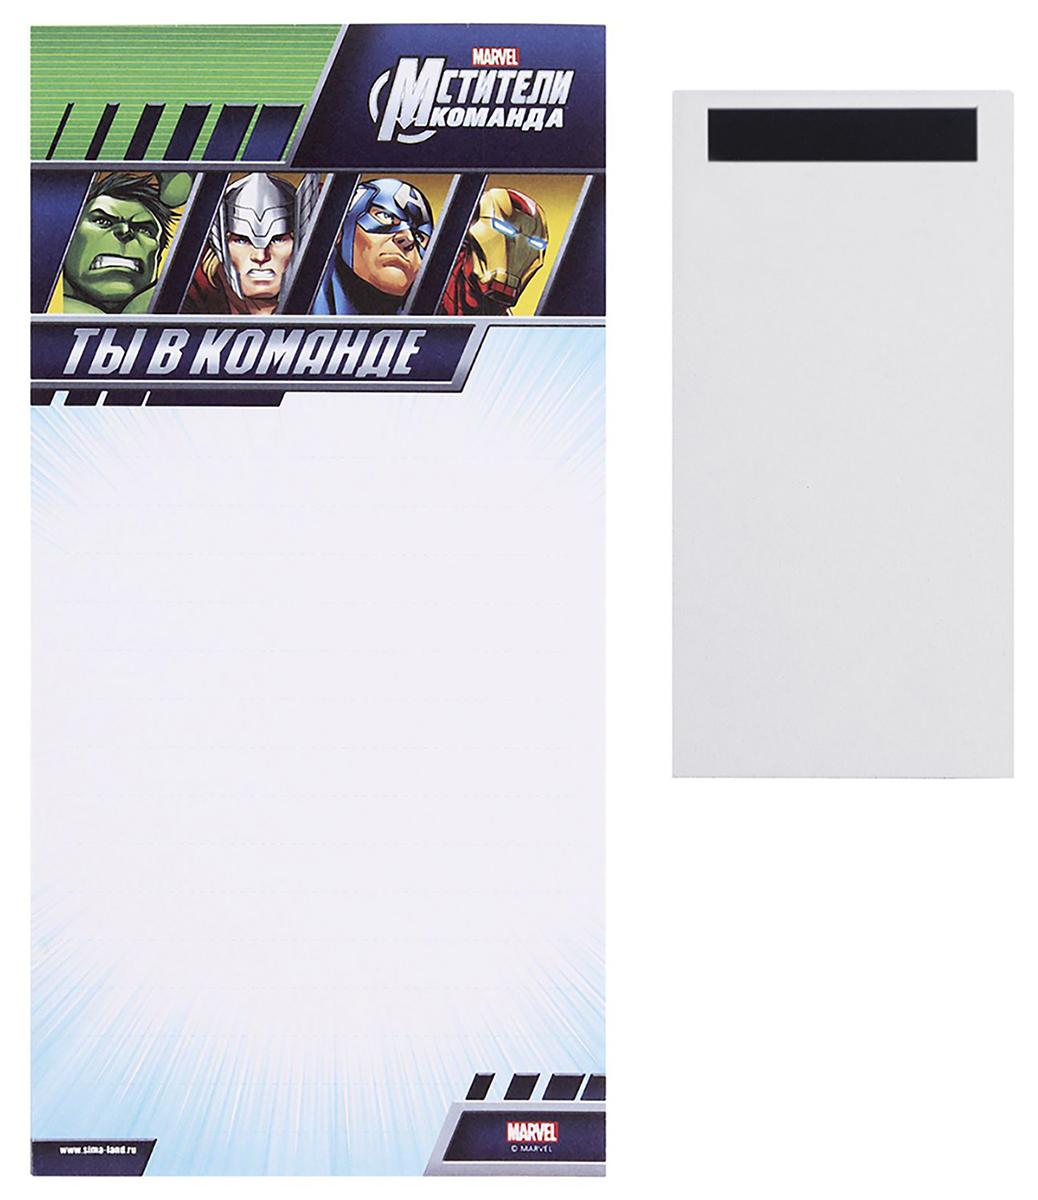 Marvel Блок для записей Ты в команде 10 x 18 см 40 листов1121665Перед вами эксклюзивный блок для записей с отрывными листами на небольшом магните.Этот бумажный блок можно повесить на холодильник, и писать на листочках с изображением любимых персонажей MARVEL важные заметки или милые пожелания своим близким.Канцтовары должны приносить пользу и радовать глаз. Блок для записей успешно справится с этими задачами.